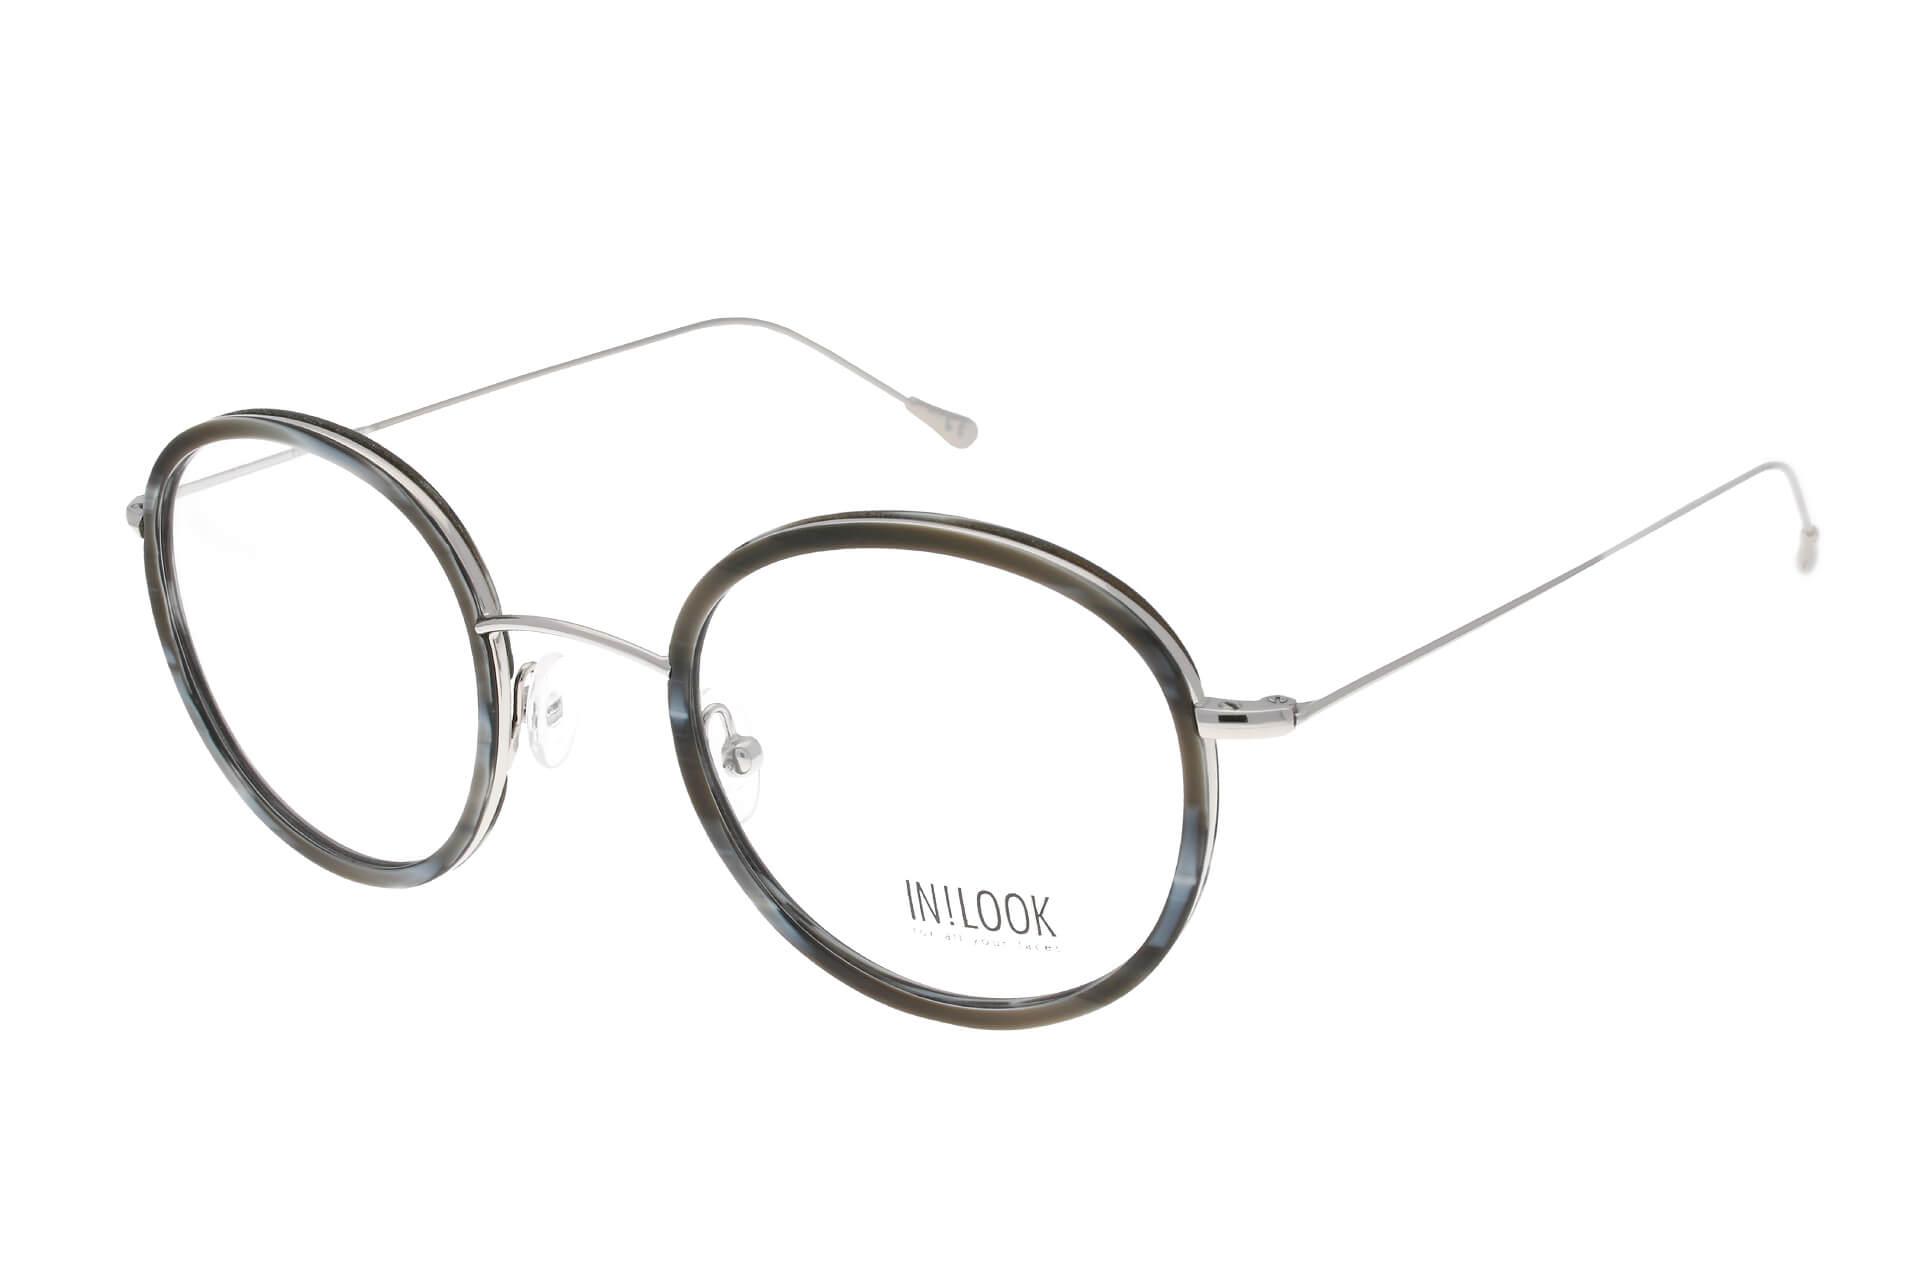 In!Look ♥ günstige Lieblingsbrille jetzt Online kaufen!